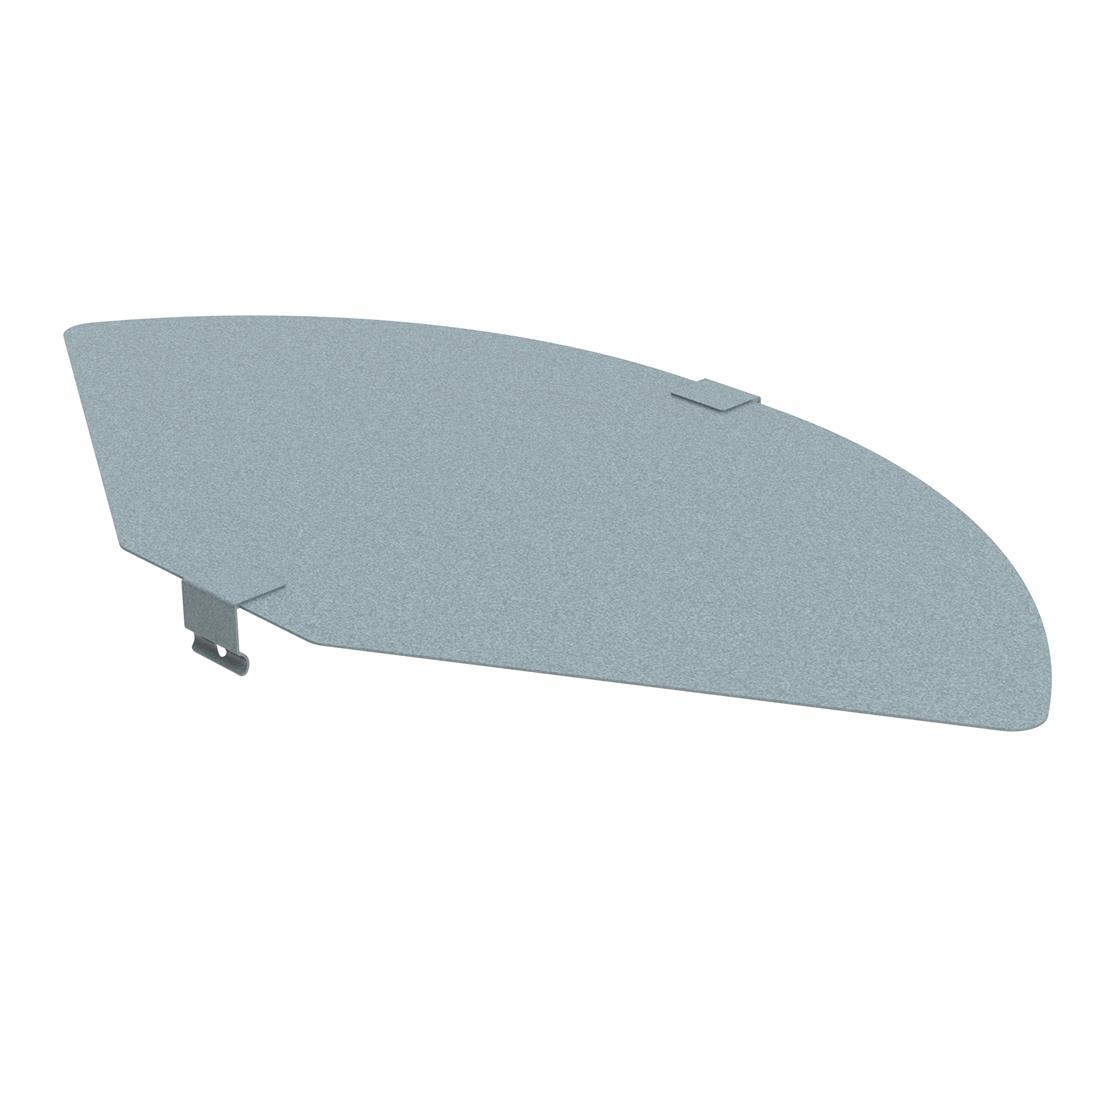 Legrand P31+ deksel hoekst instelbaar B200 H60 Sdz